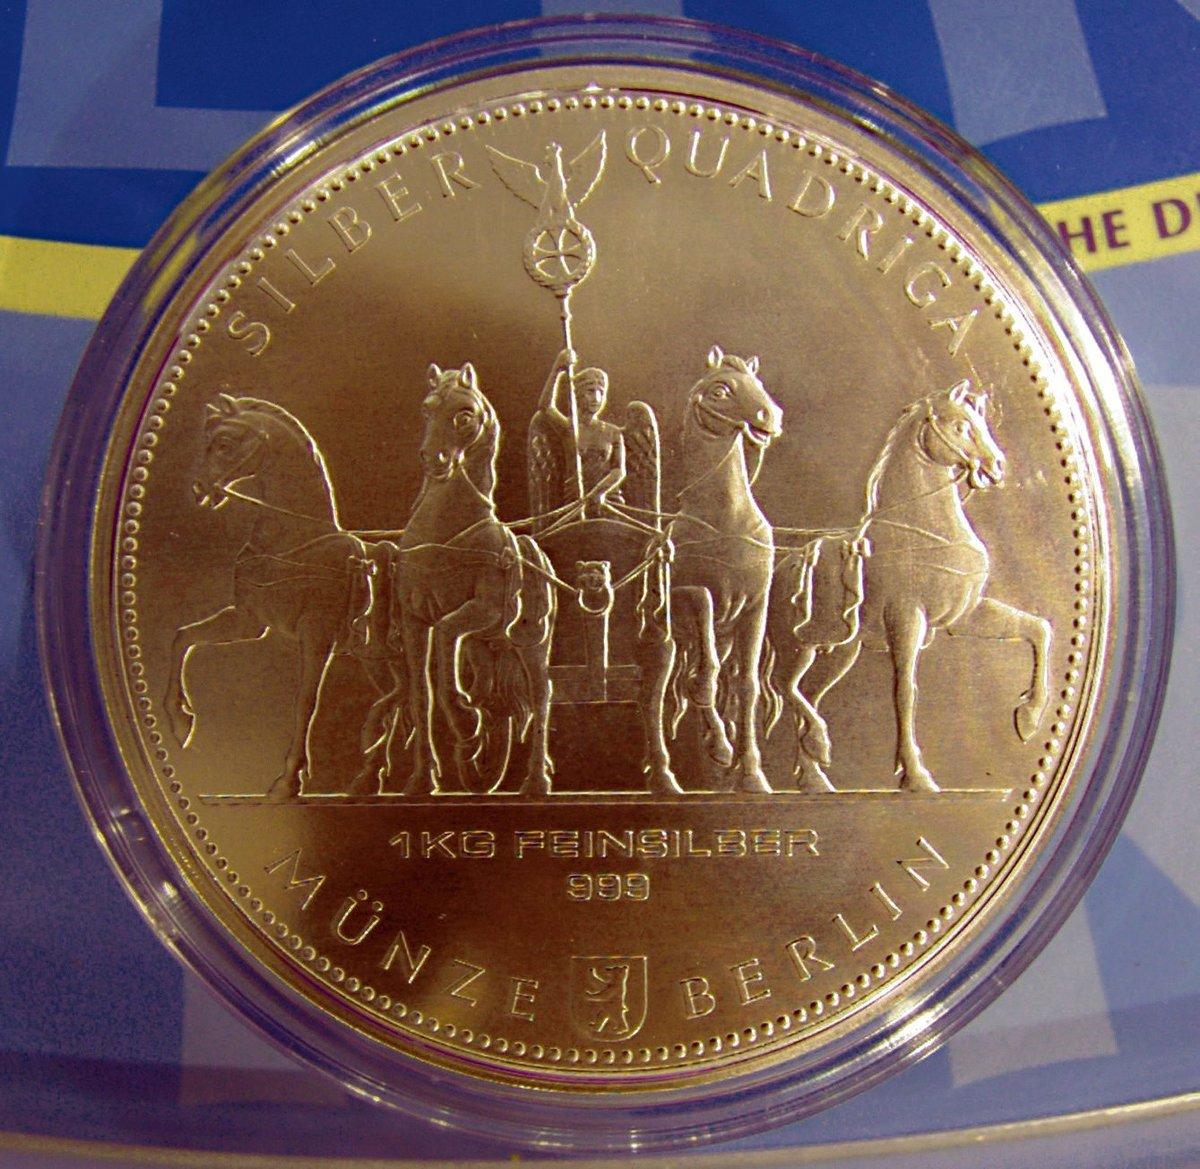 Staatliche Münze Prägt Große Und Schwere Silbermedaille Reinickendorf